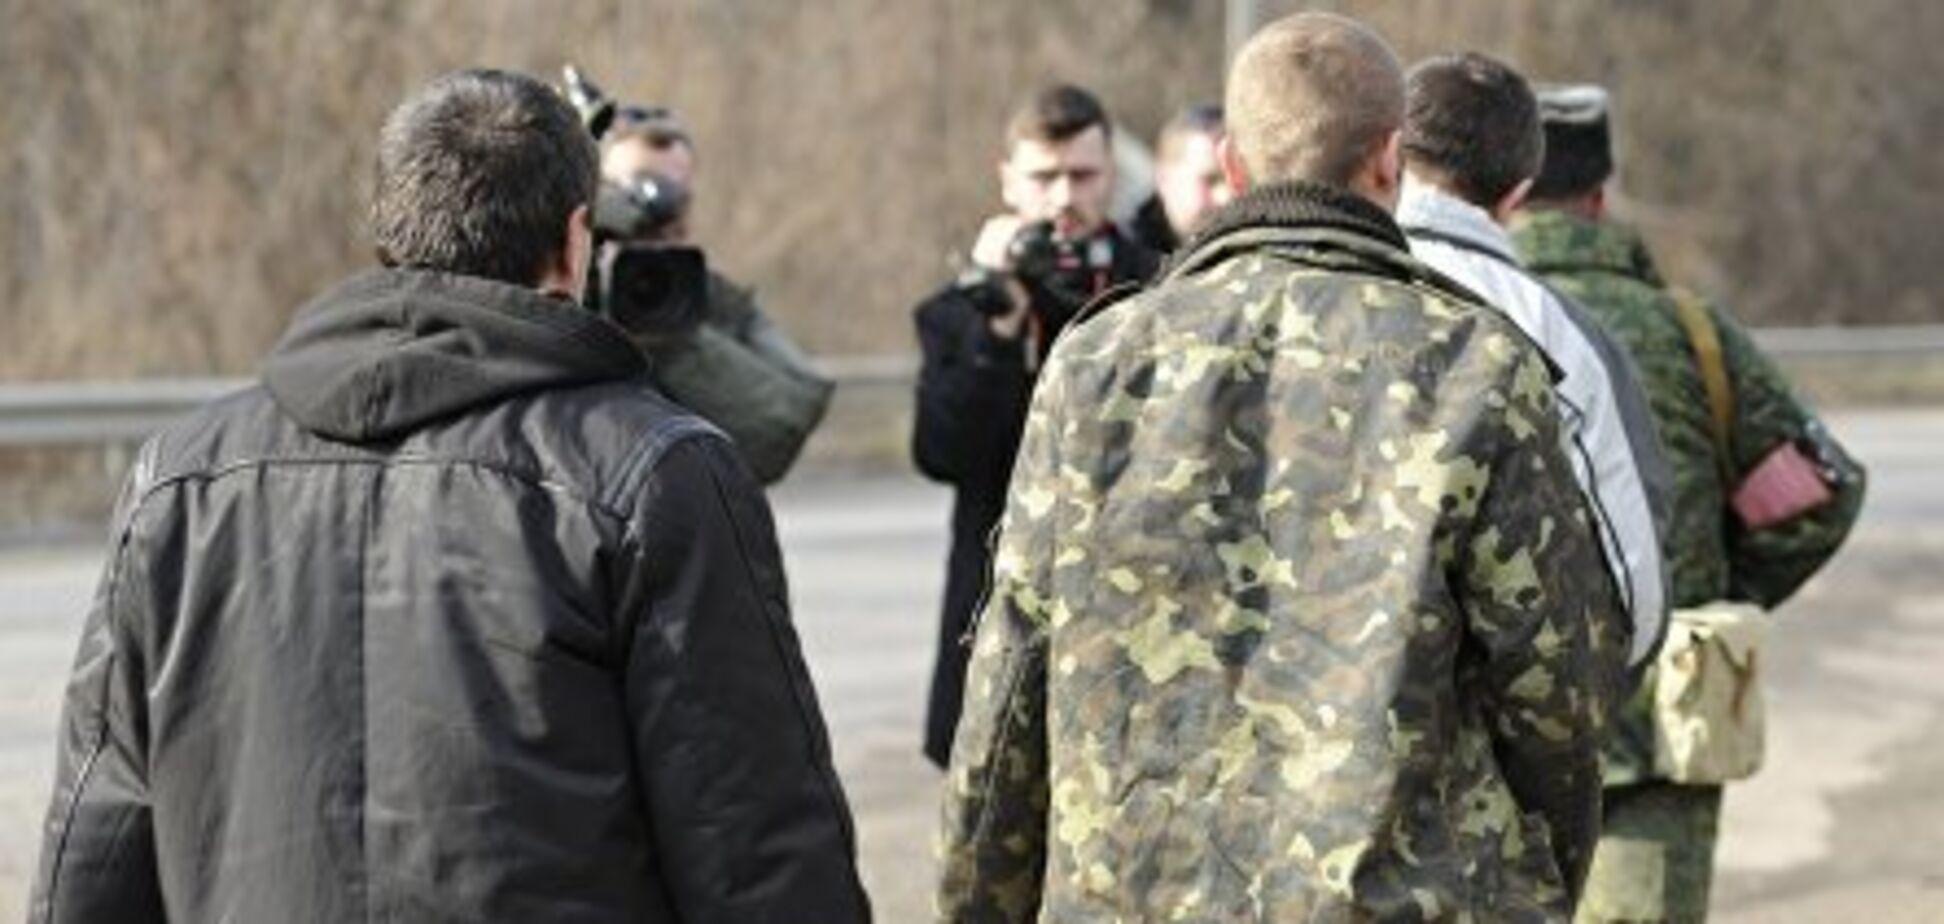 Террористы, убийцы и предатели: названы имена преступников, которых Россия запросила на обмен